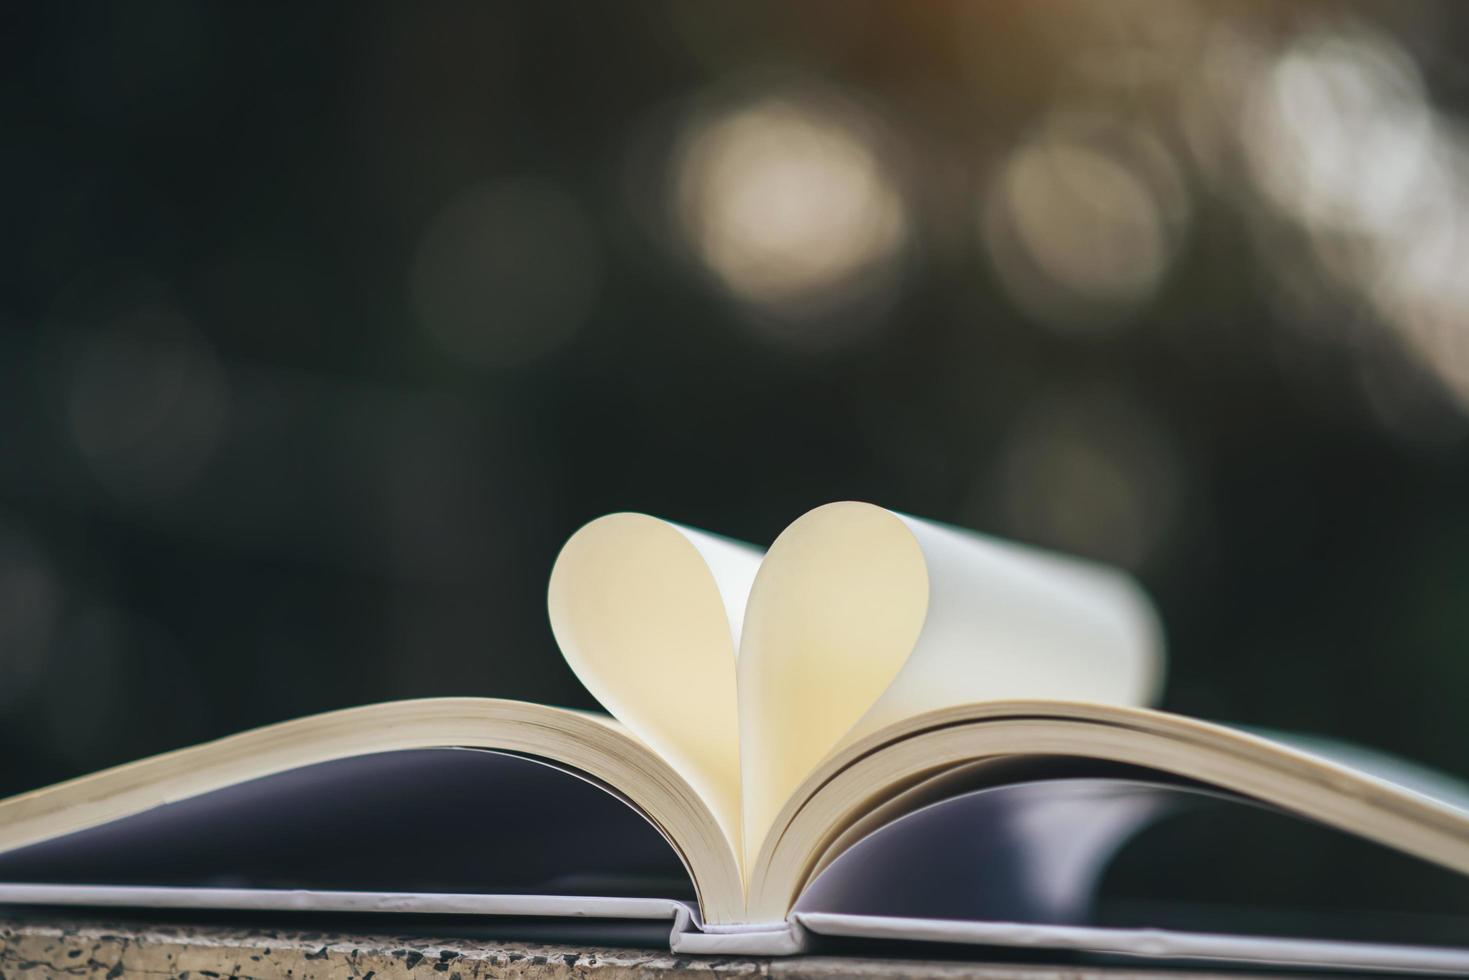 libro abierto con forma de corazón foto